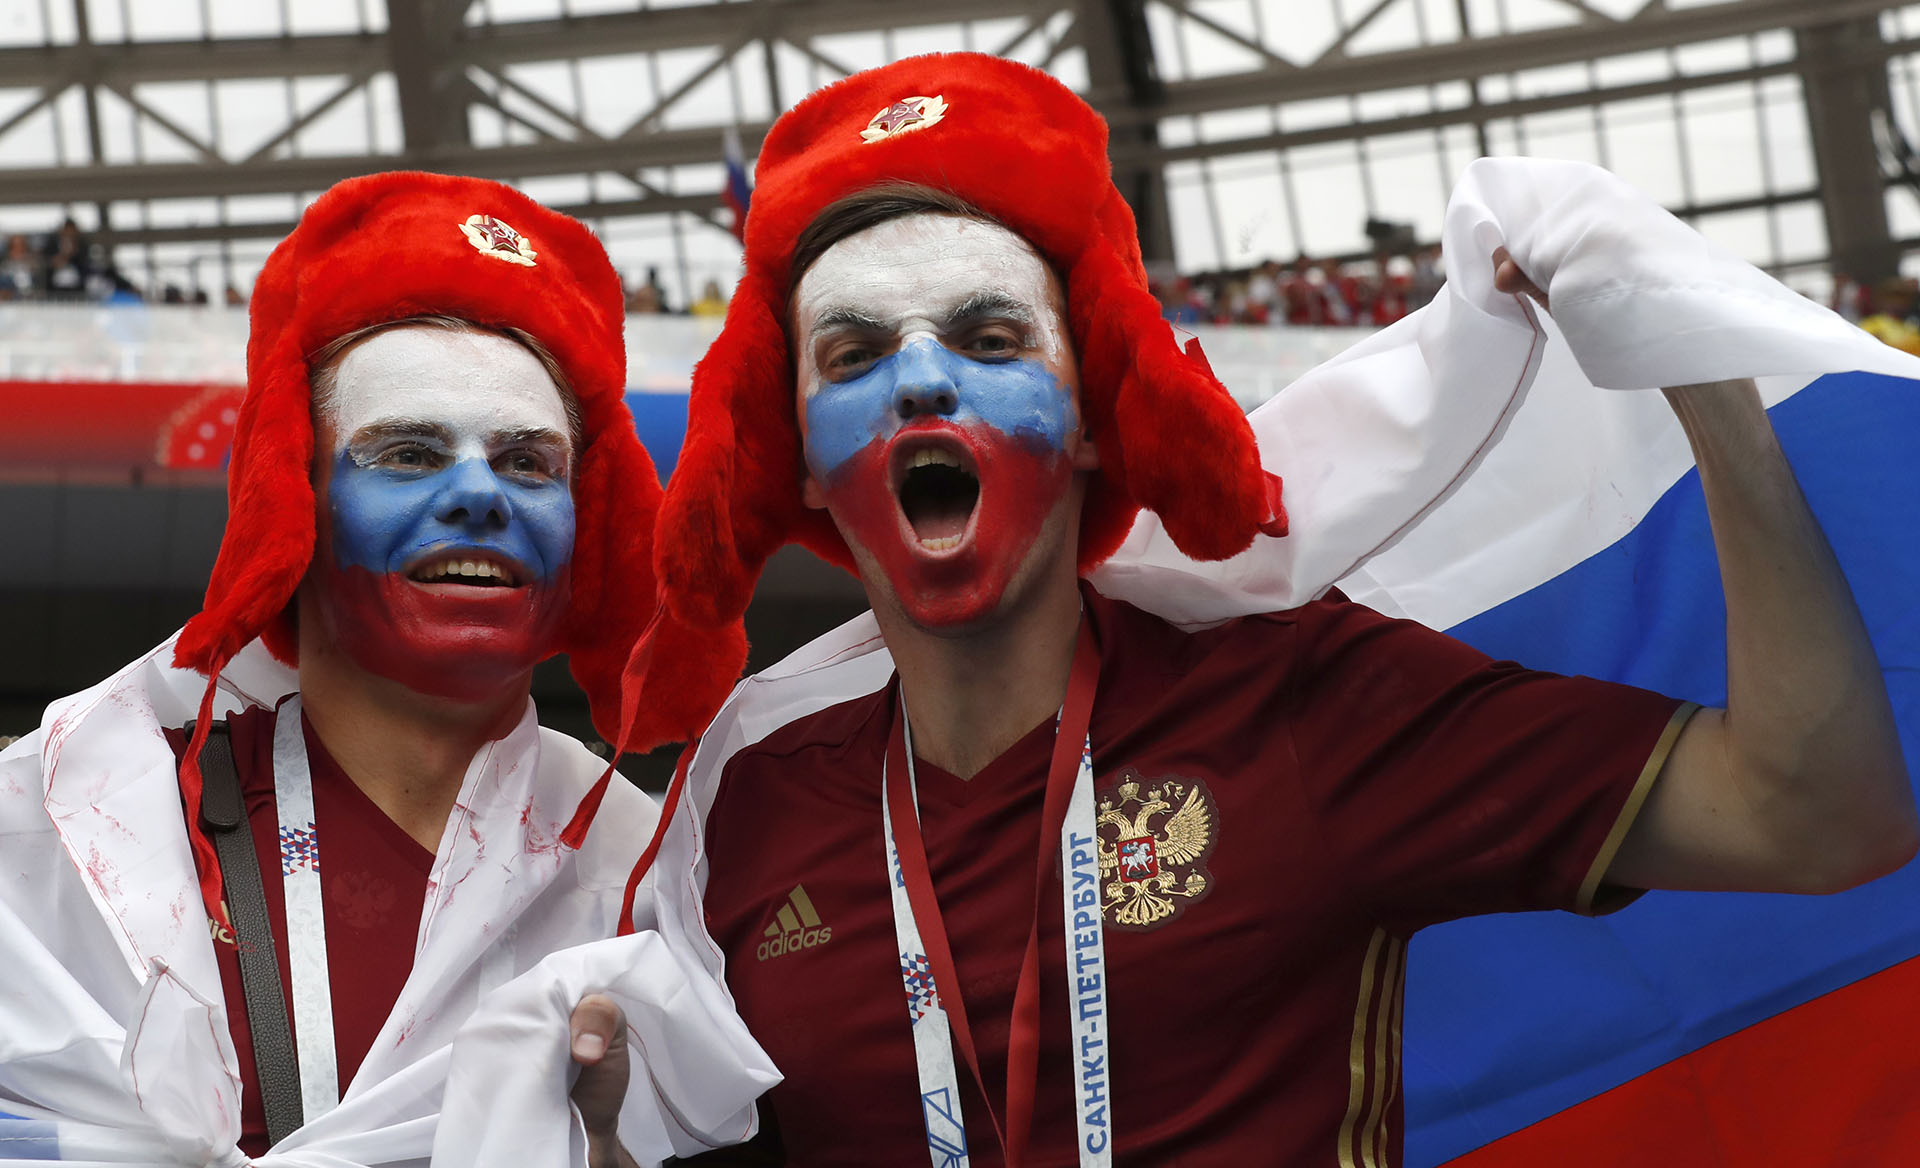 Fanáticos de la Selección local en la previa del partido inaugural del Mundial de Rusia 2018 (AP Photo/Antonio Calanni)